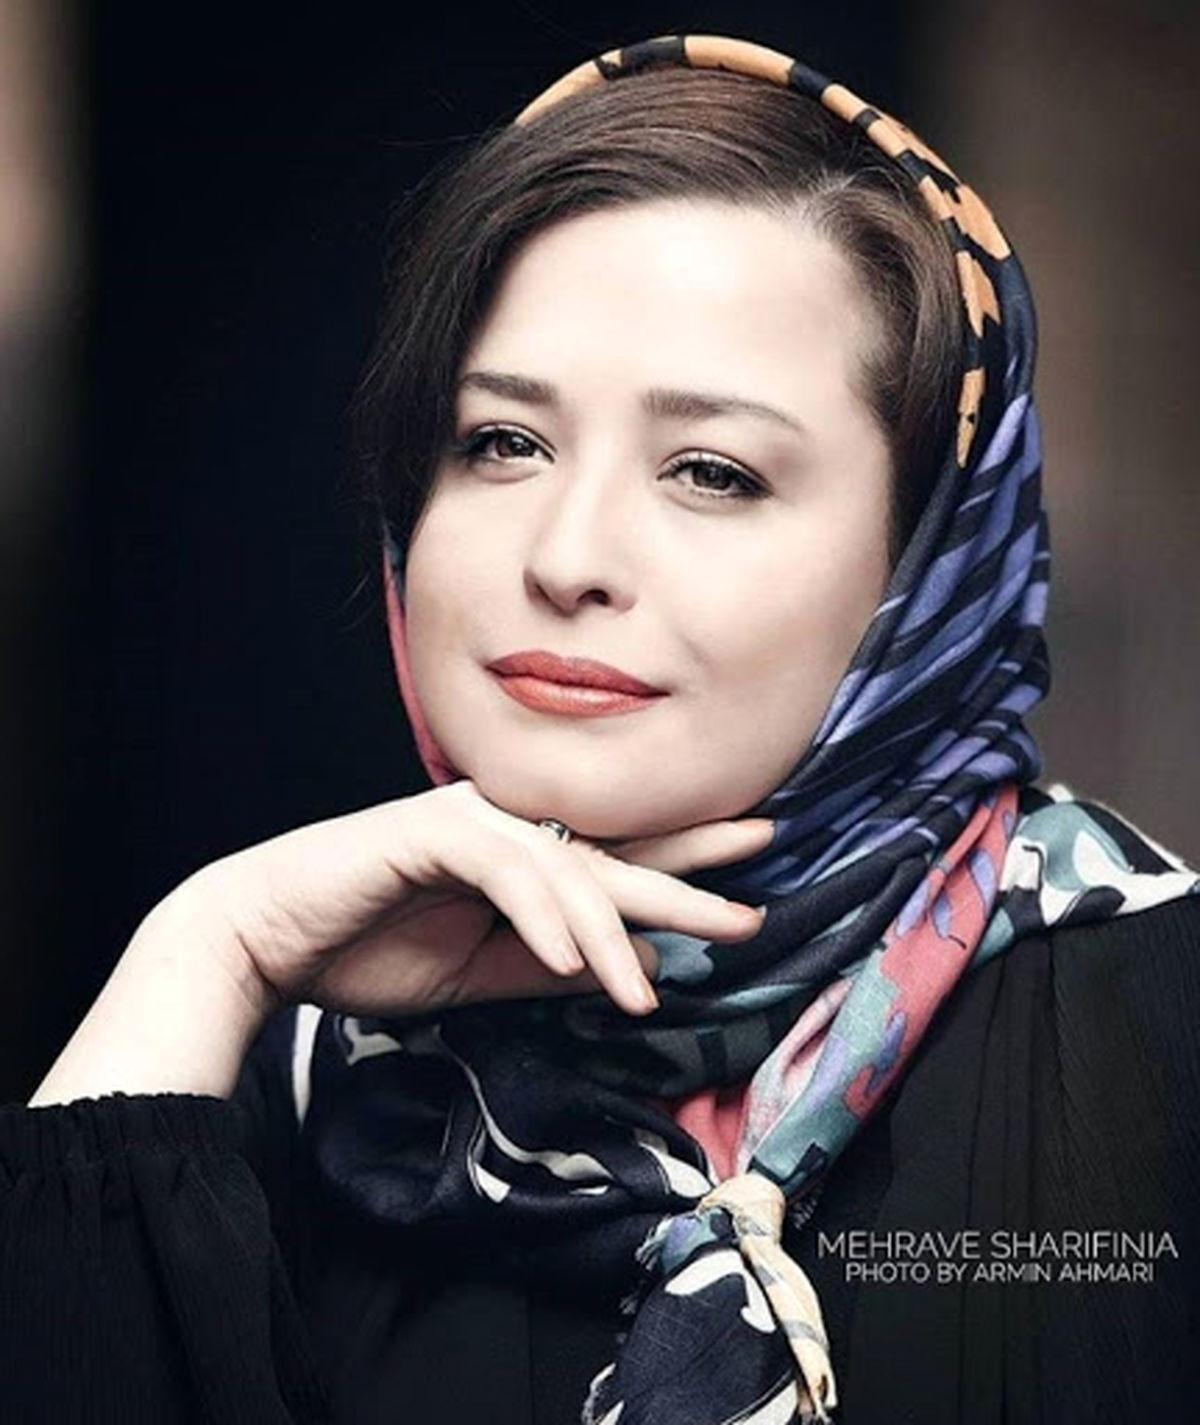 بیوگرافی مهراوه شریفی نیا + جزئیات